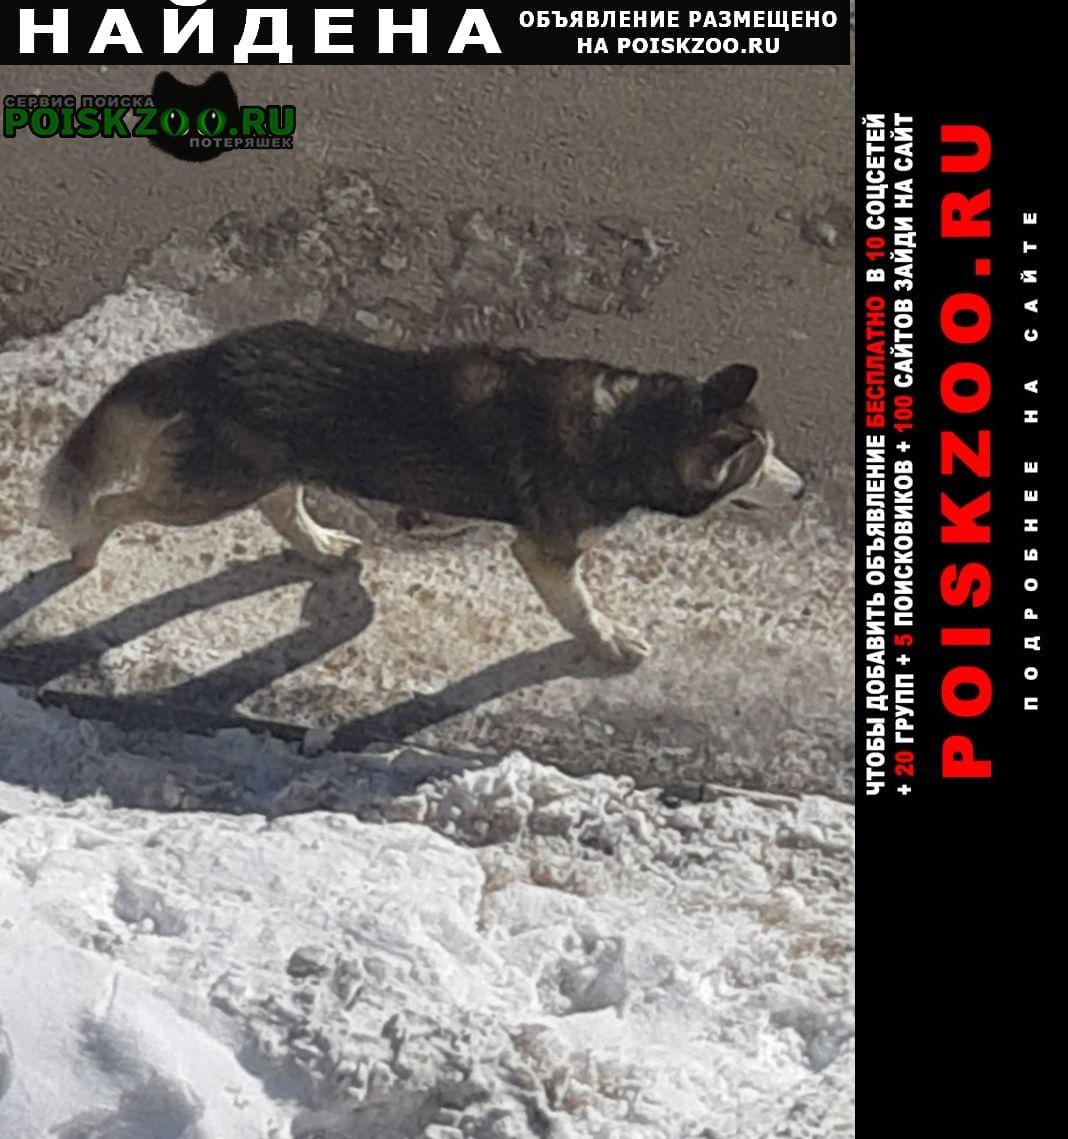 Найдена собака кобель замечена Подольск